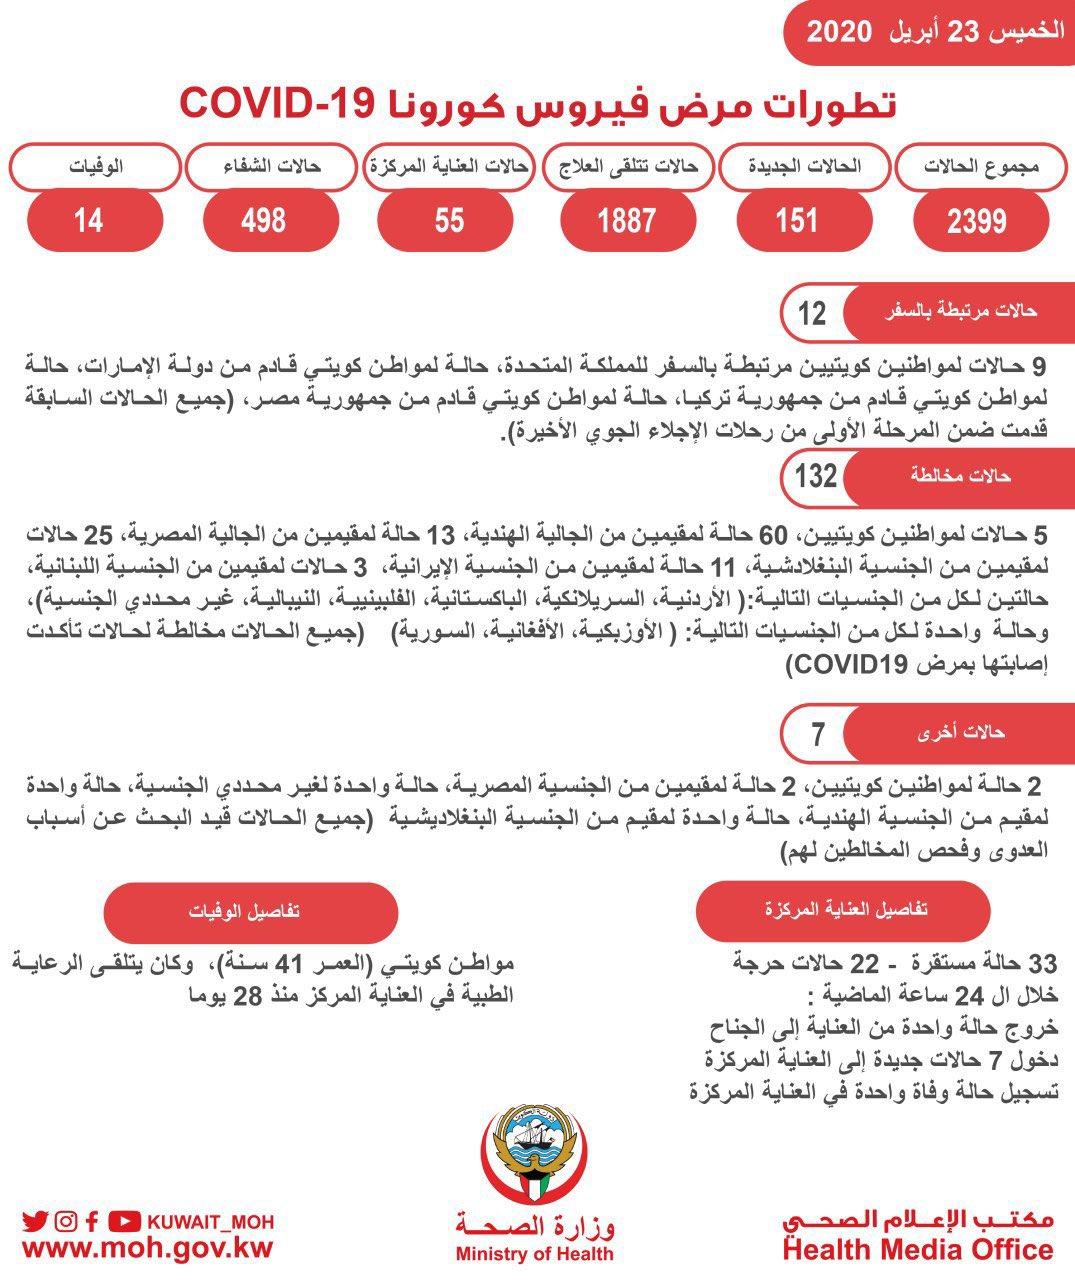 حالات فيروس كورونا في الكويت اليوم 23-4-2020